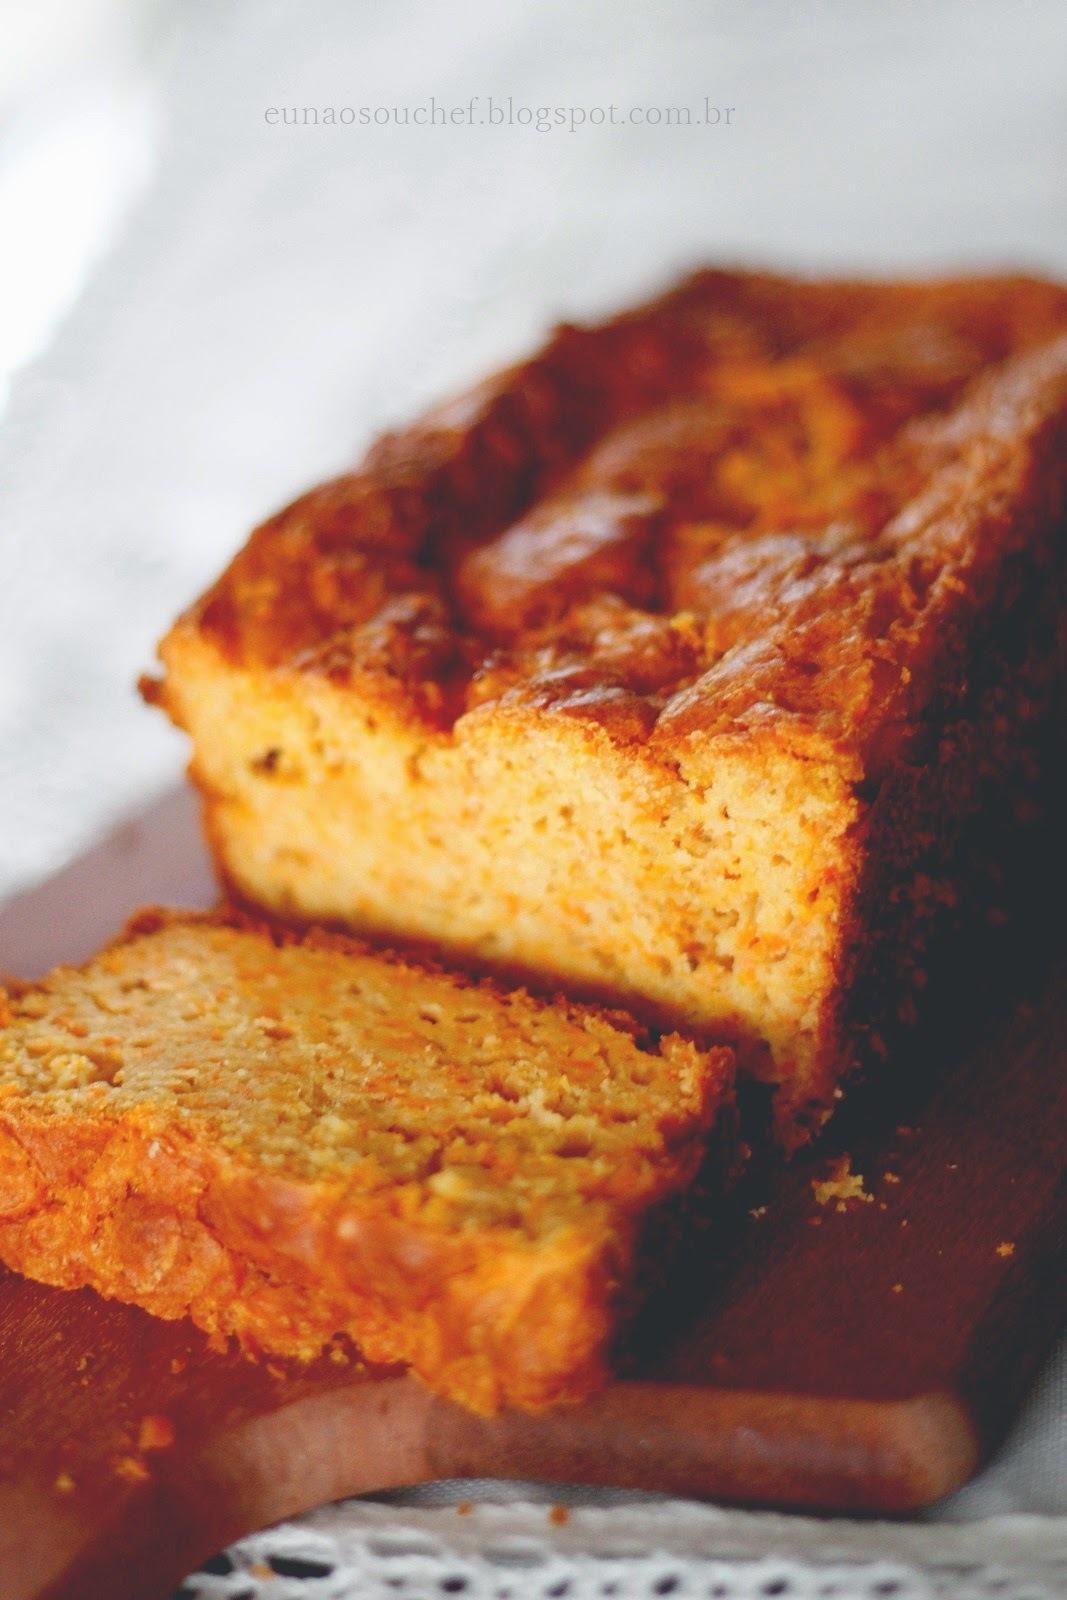 Bolo/pão funcional de cenoura